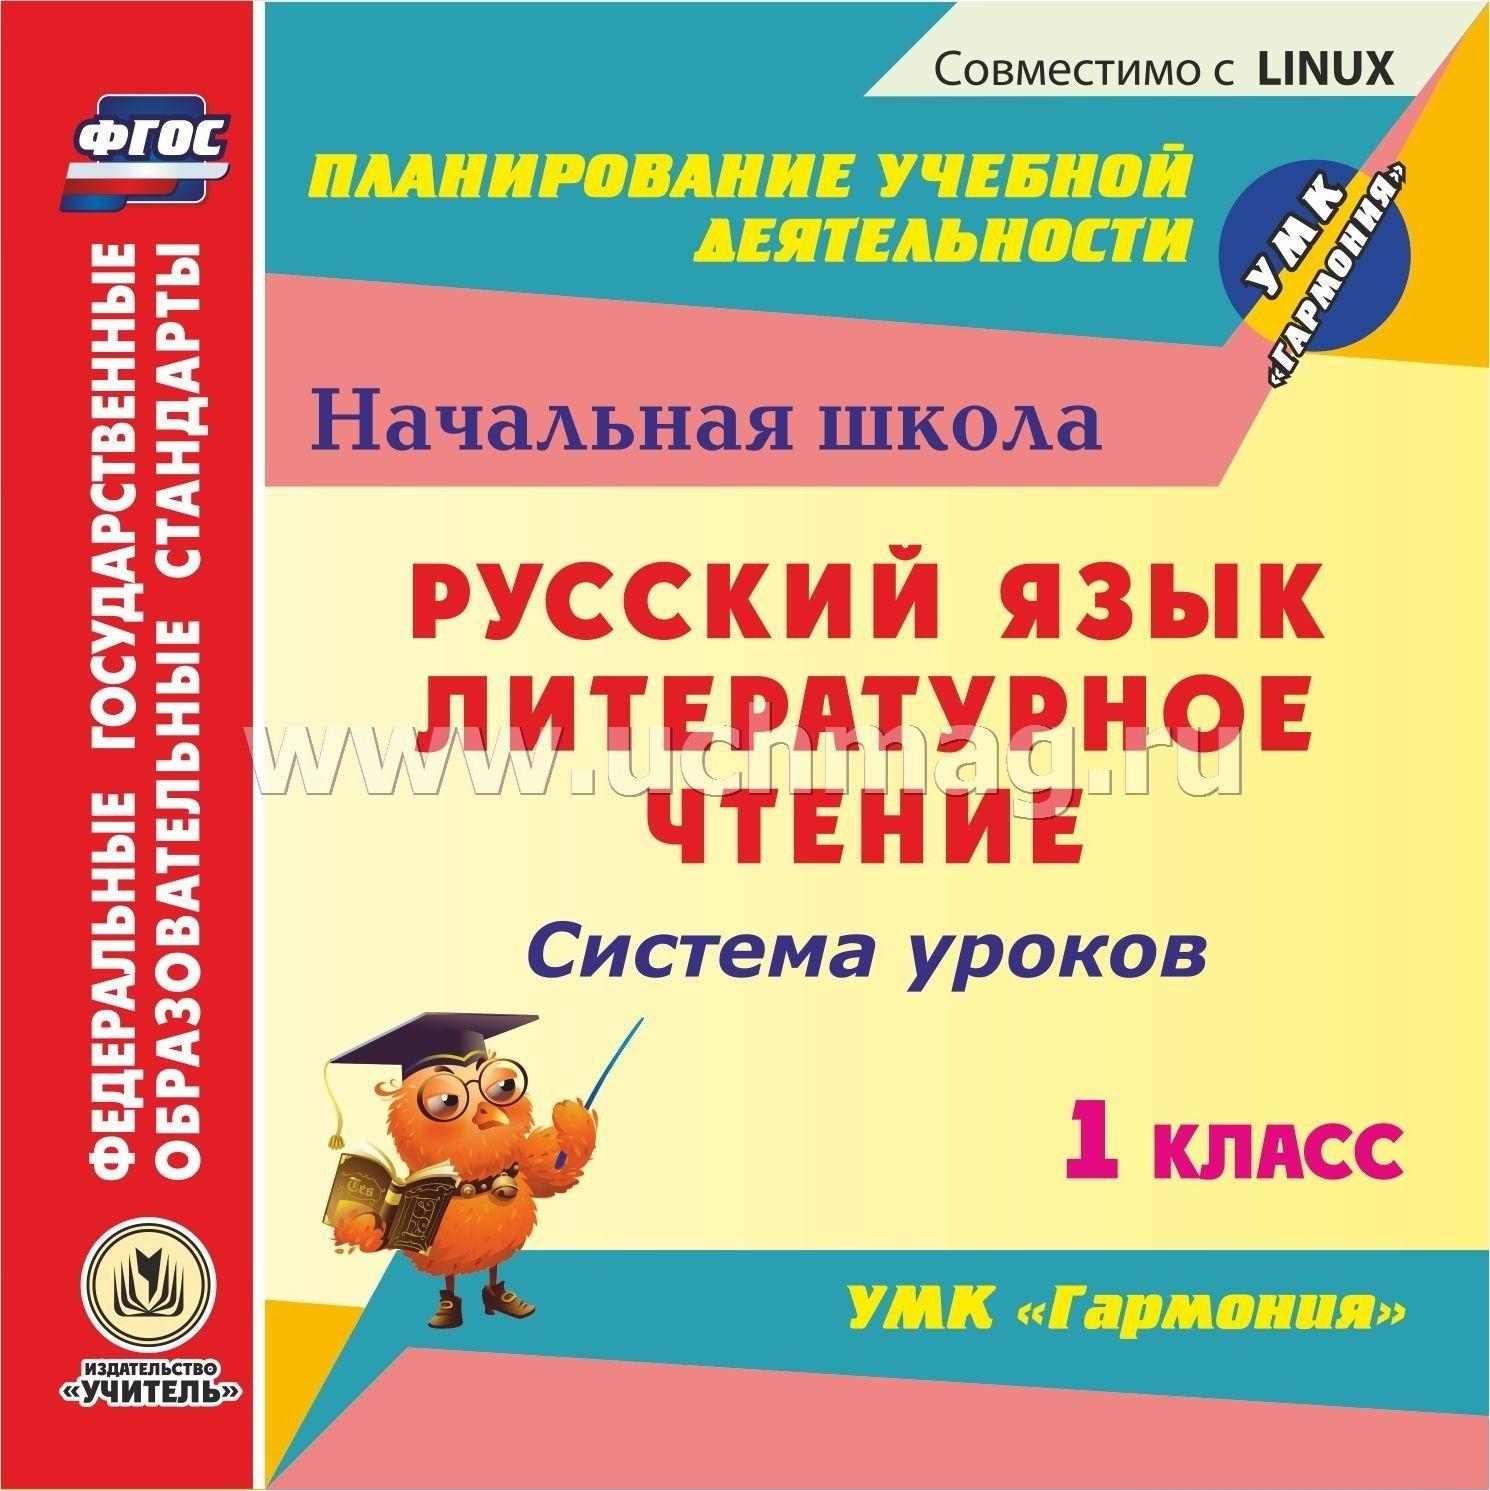 Открытые уроки по русскому языку для 4 класса гармония